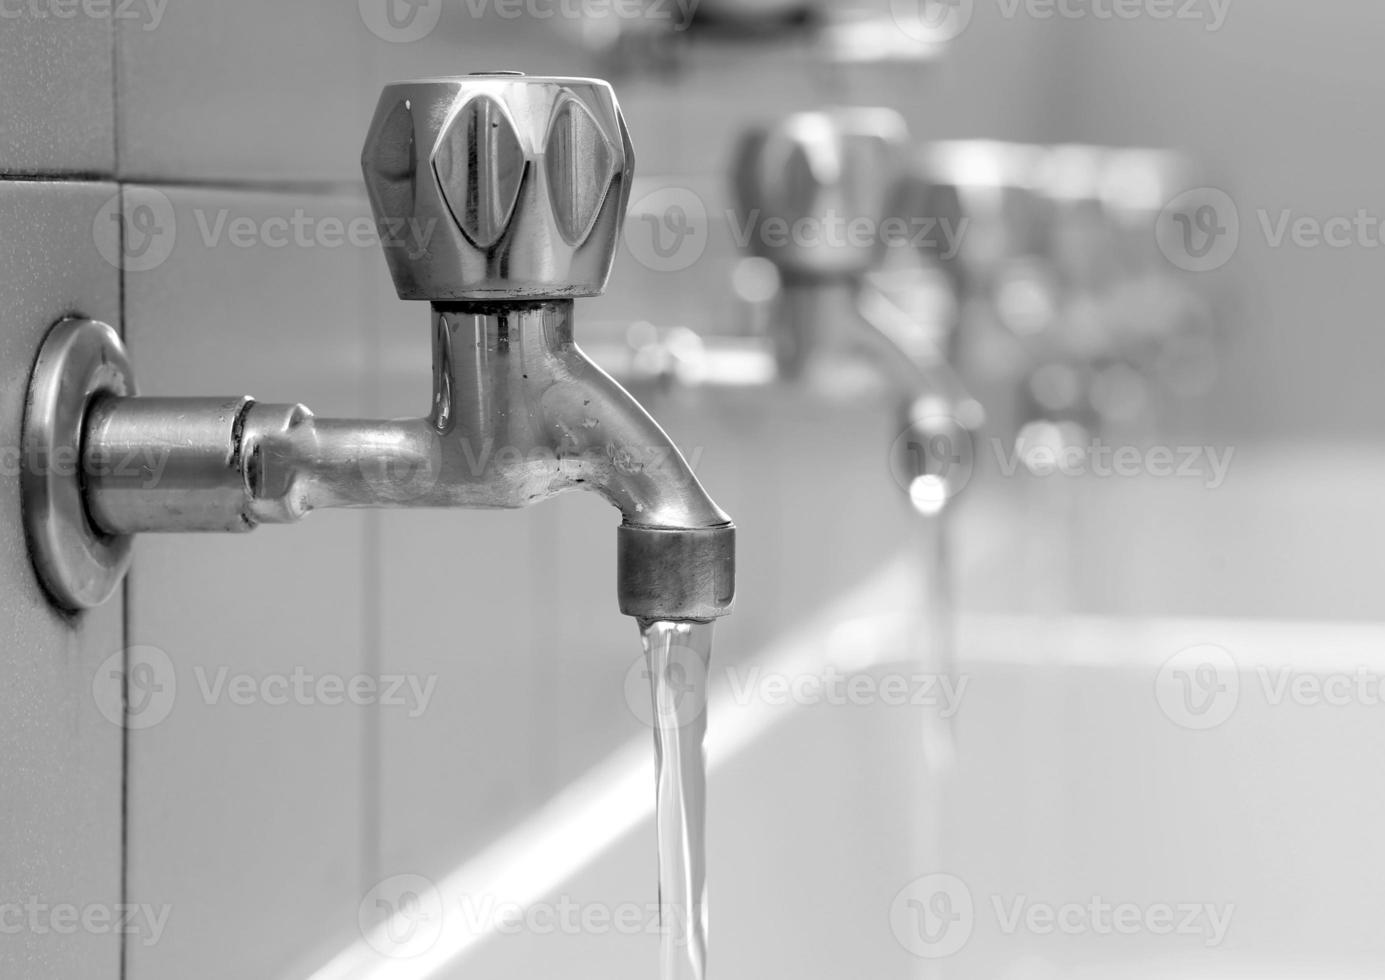 open kranen met stromend water in de badkleedkamers foto